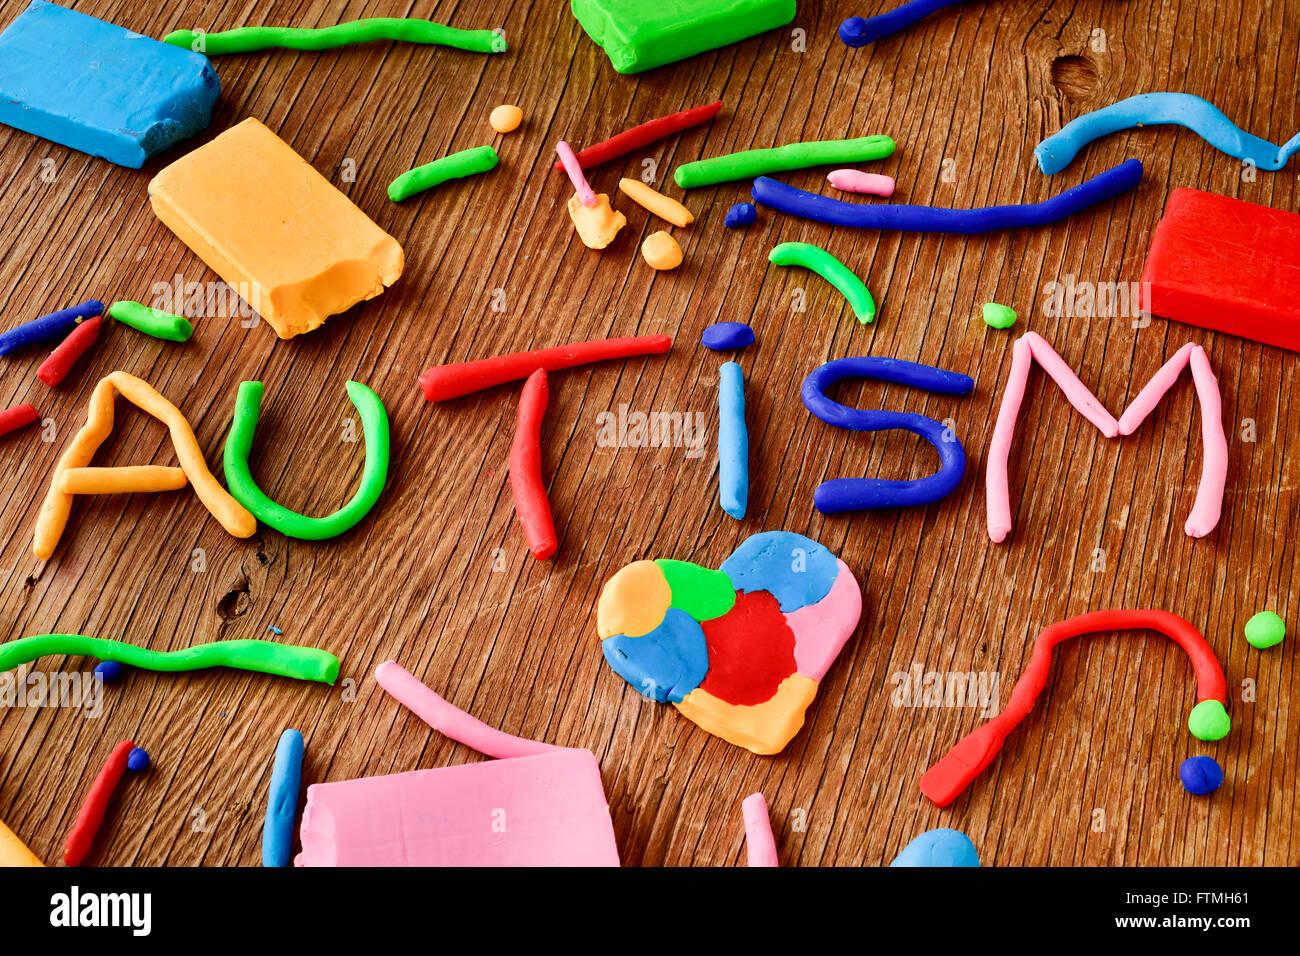 das Wort Autismus aus Knetmasse in verschiedenen Farben auf einer rustikalen Holzoberfläche gefertigt Stockbild